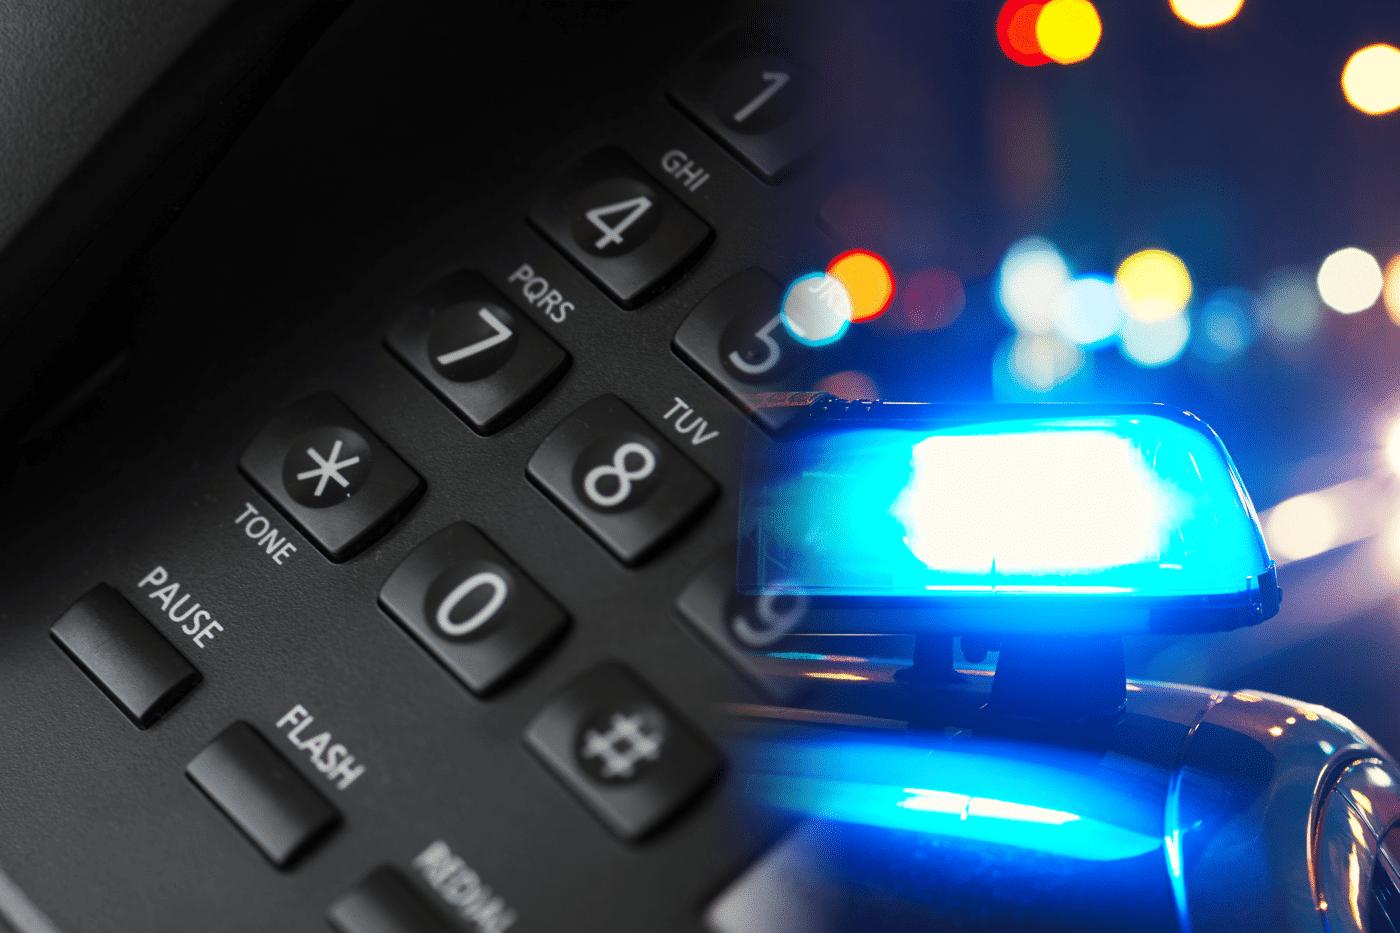 Mehrere Betrugsversuche in St. Ingbert - Die Polizei warnt insbesondere ältere Bürger